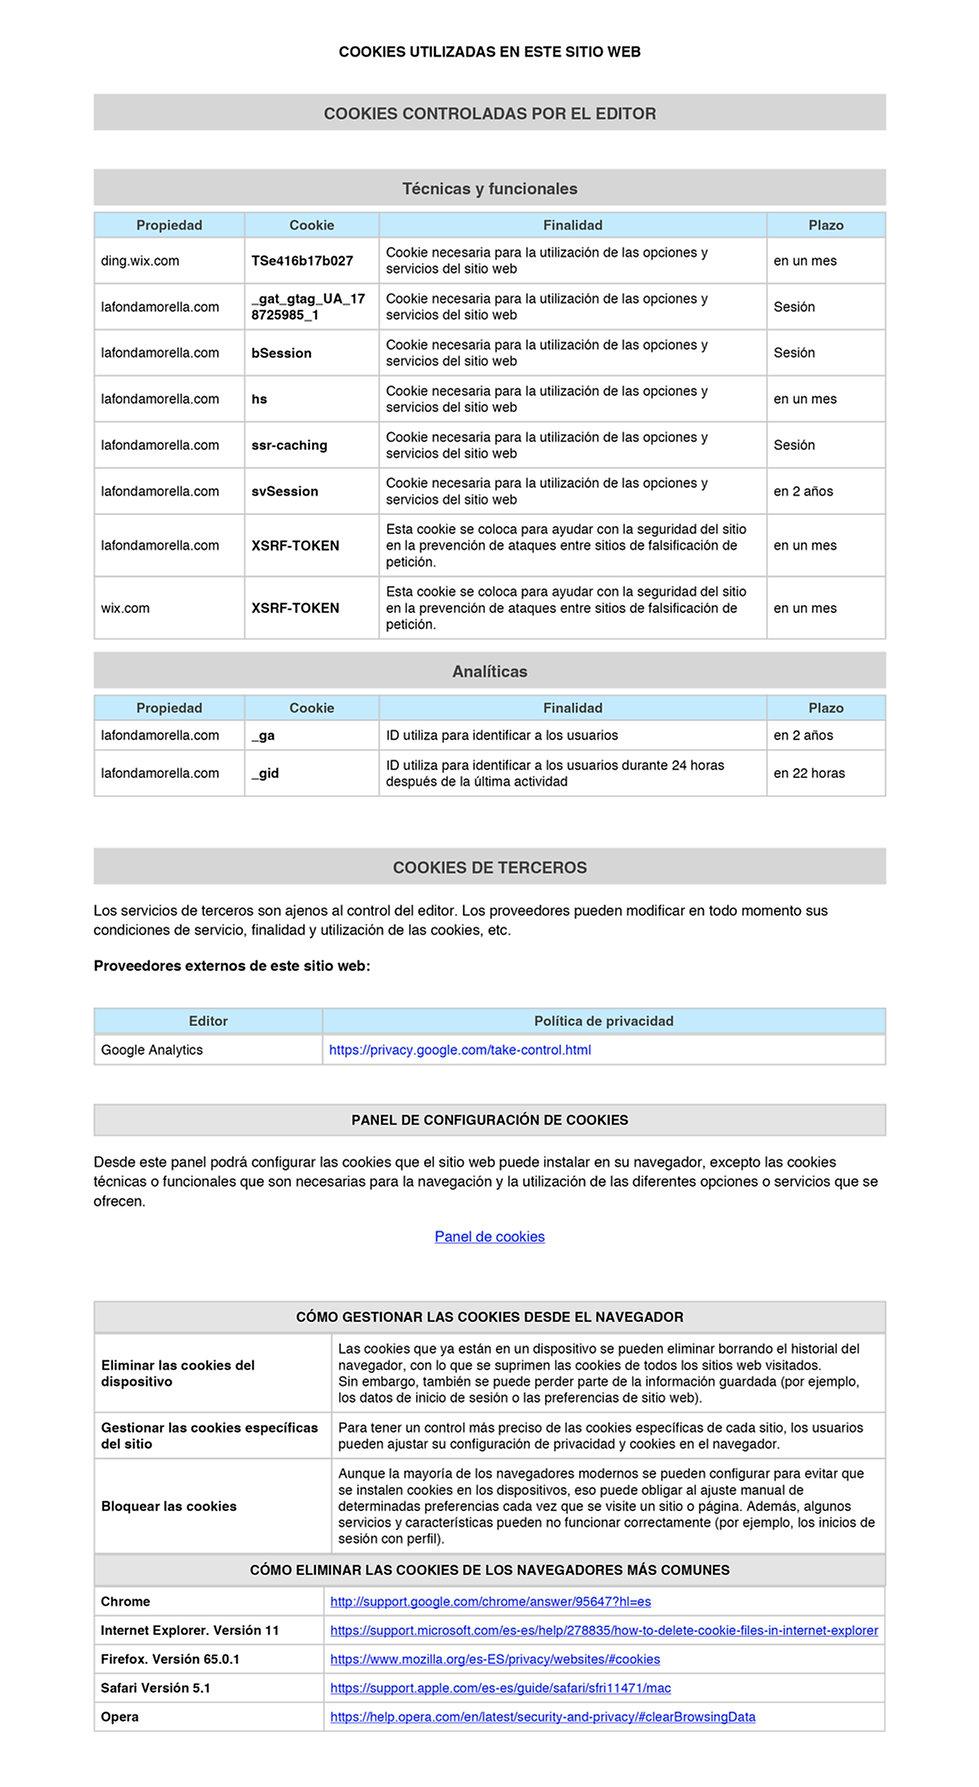 POLITICA DE COOKIES.jpg